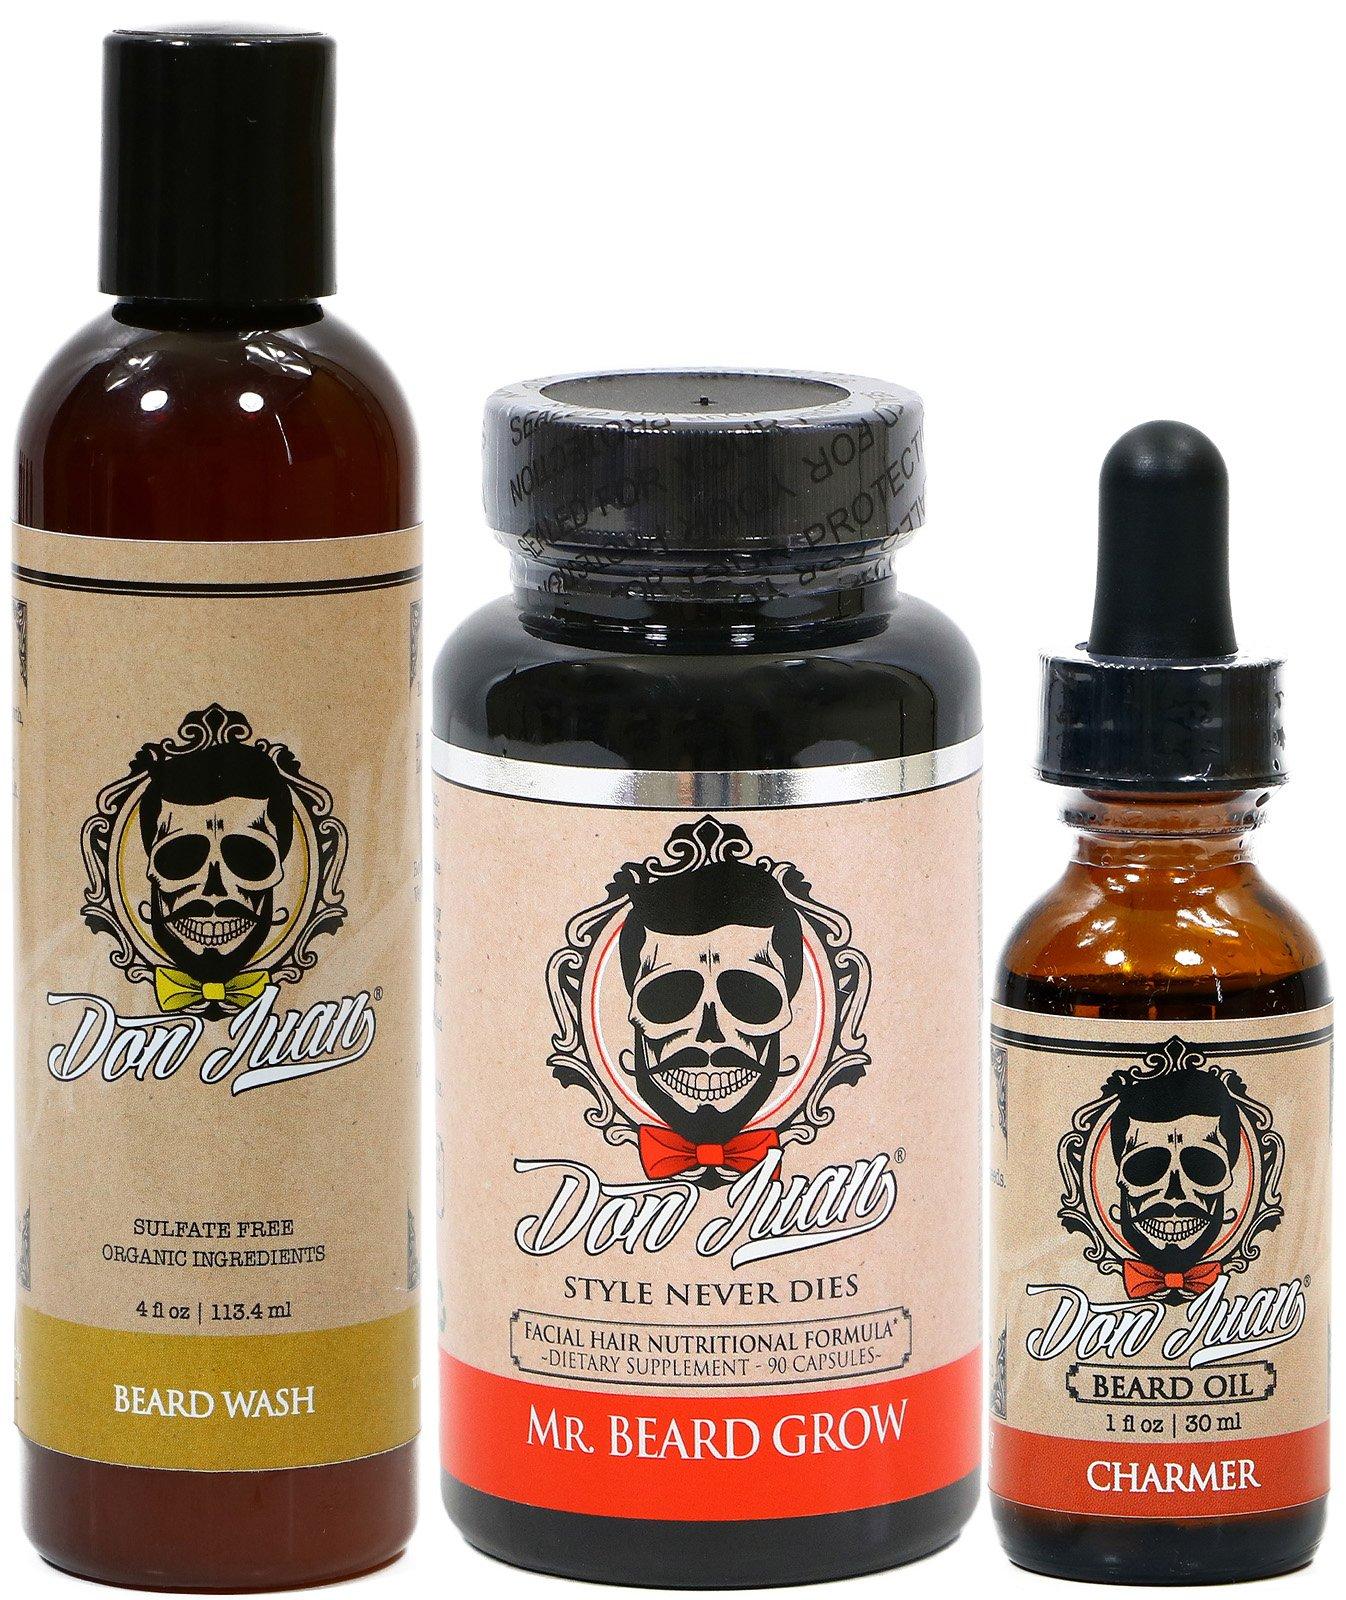 Don Juan Charmer Ultimate Beard Care Kit